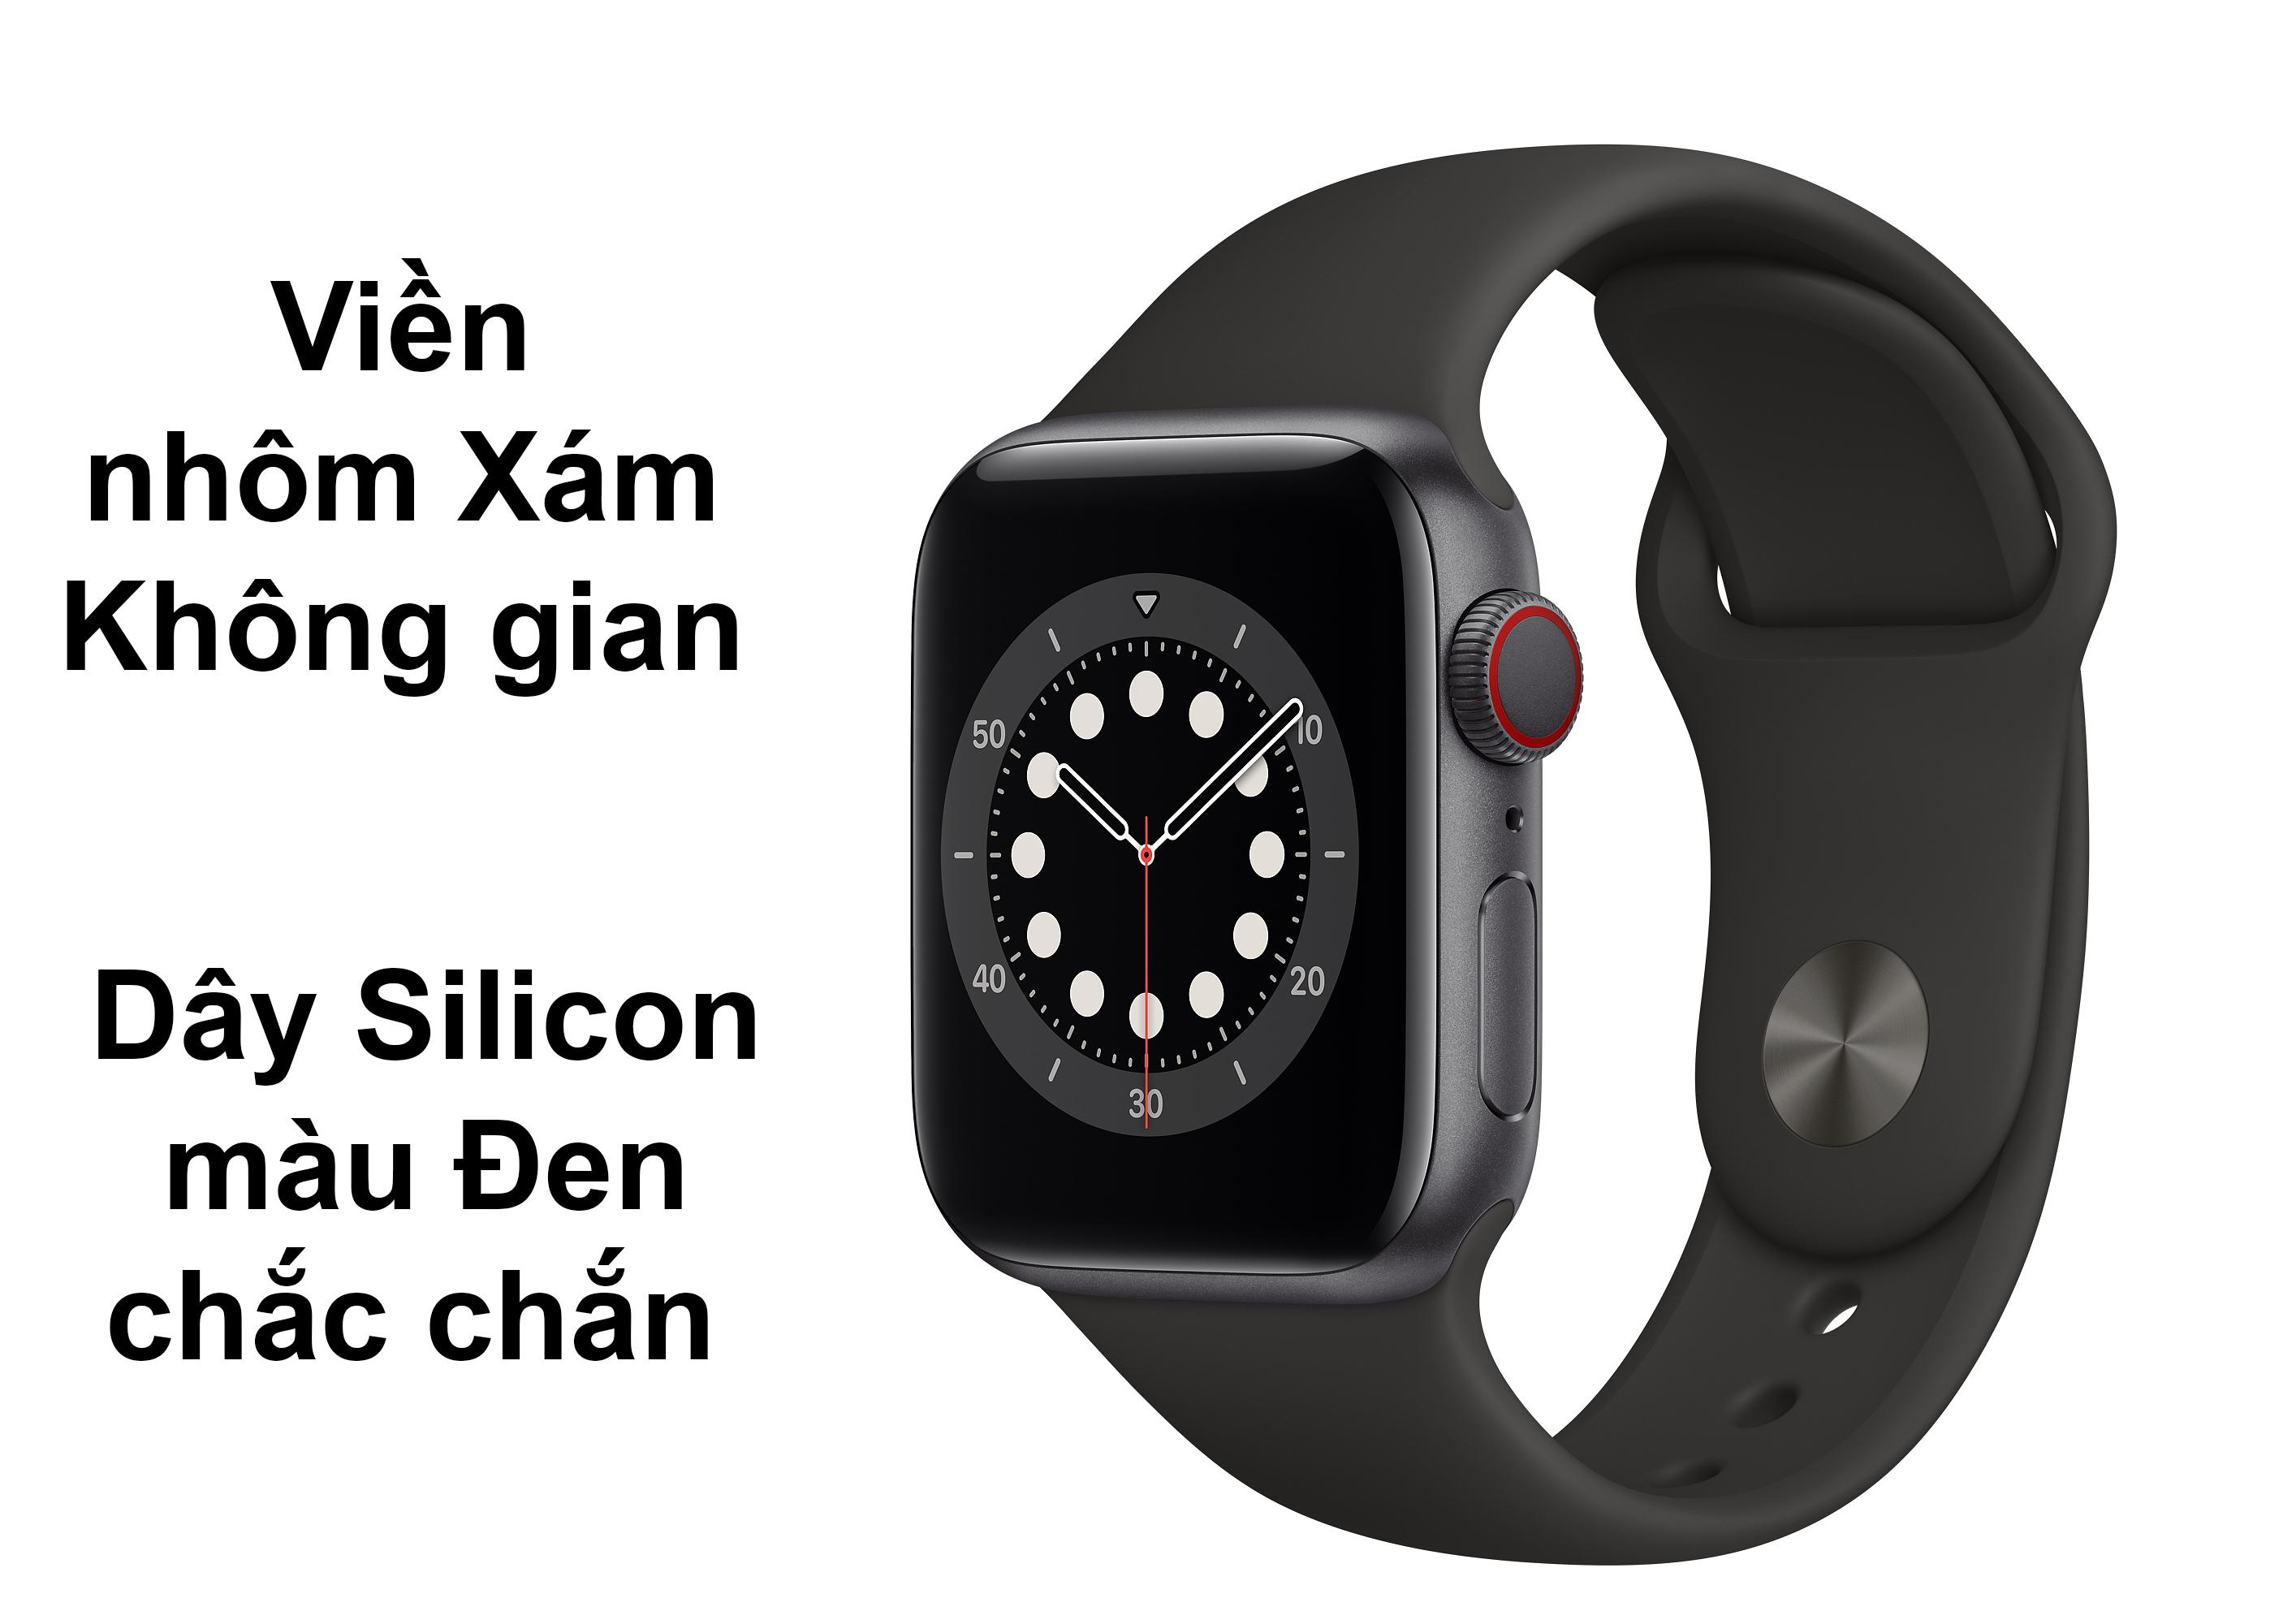 Apple Watch Series SE GPS + 4G 44mm viền nhôm Xám Không gian dâySilicon màu Đen